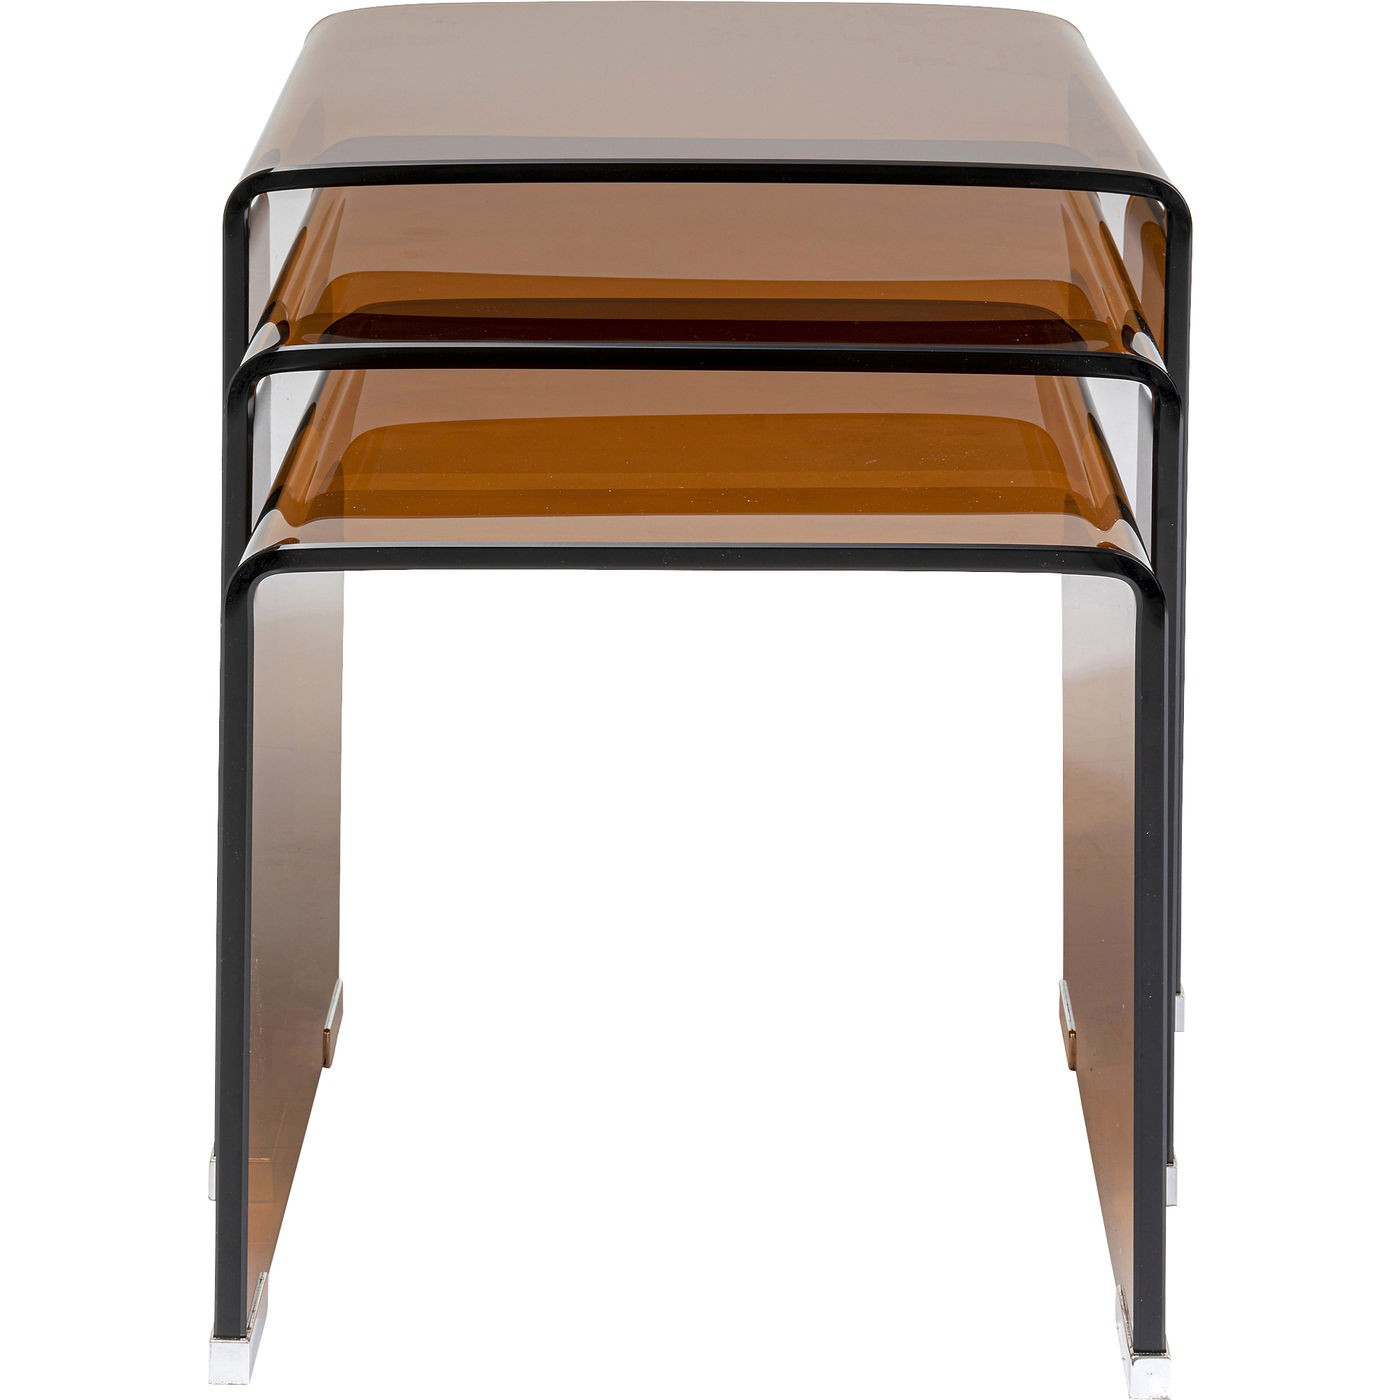 maison du monde 3 tables d'appoint en verre coloré marron